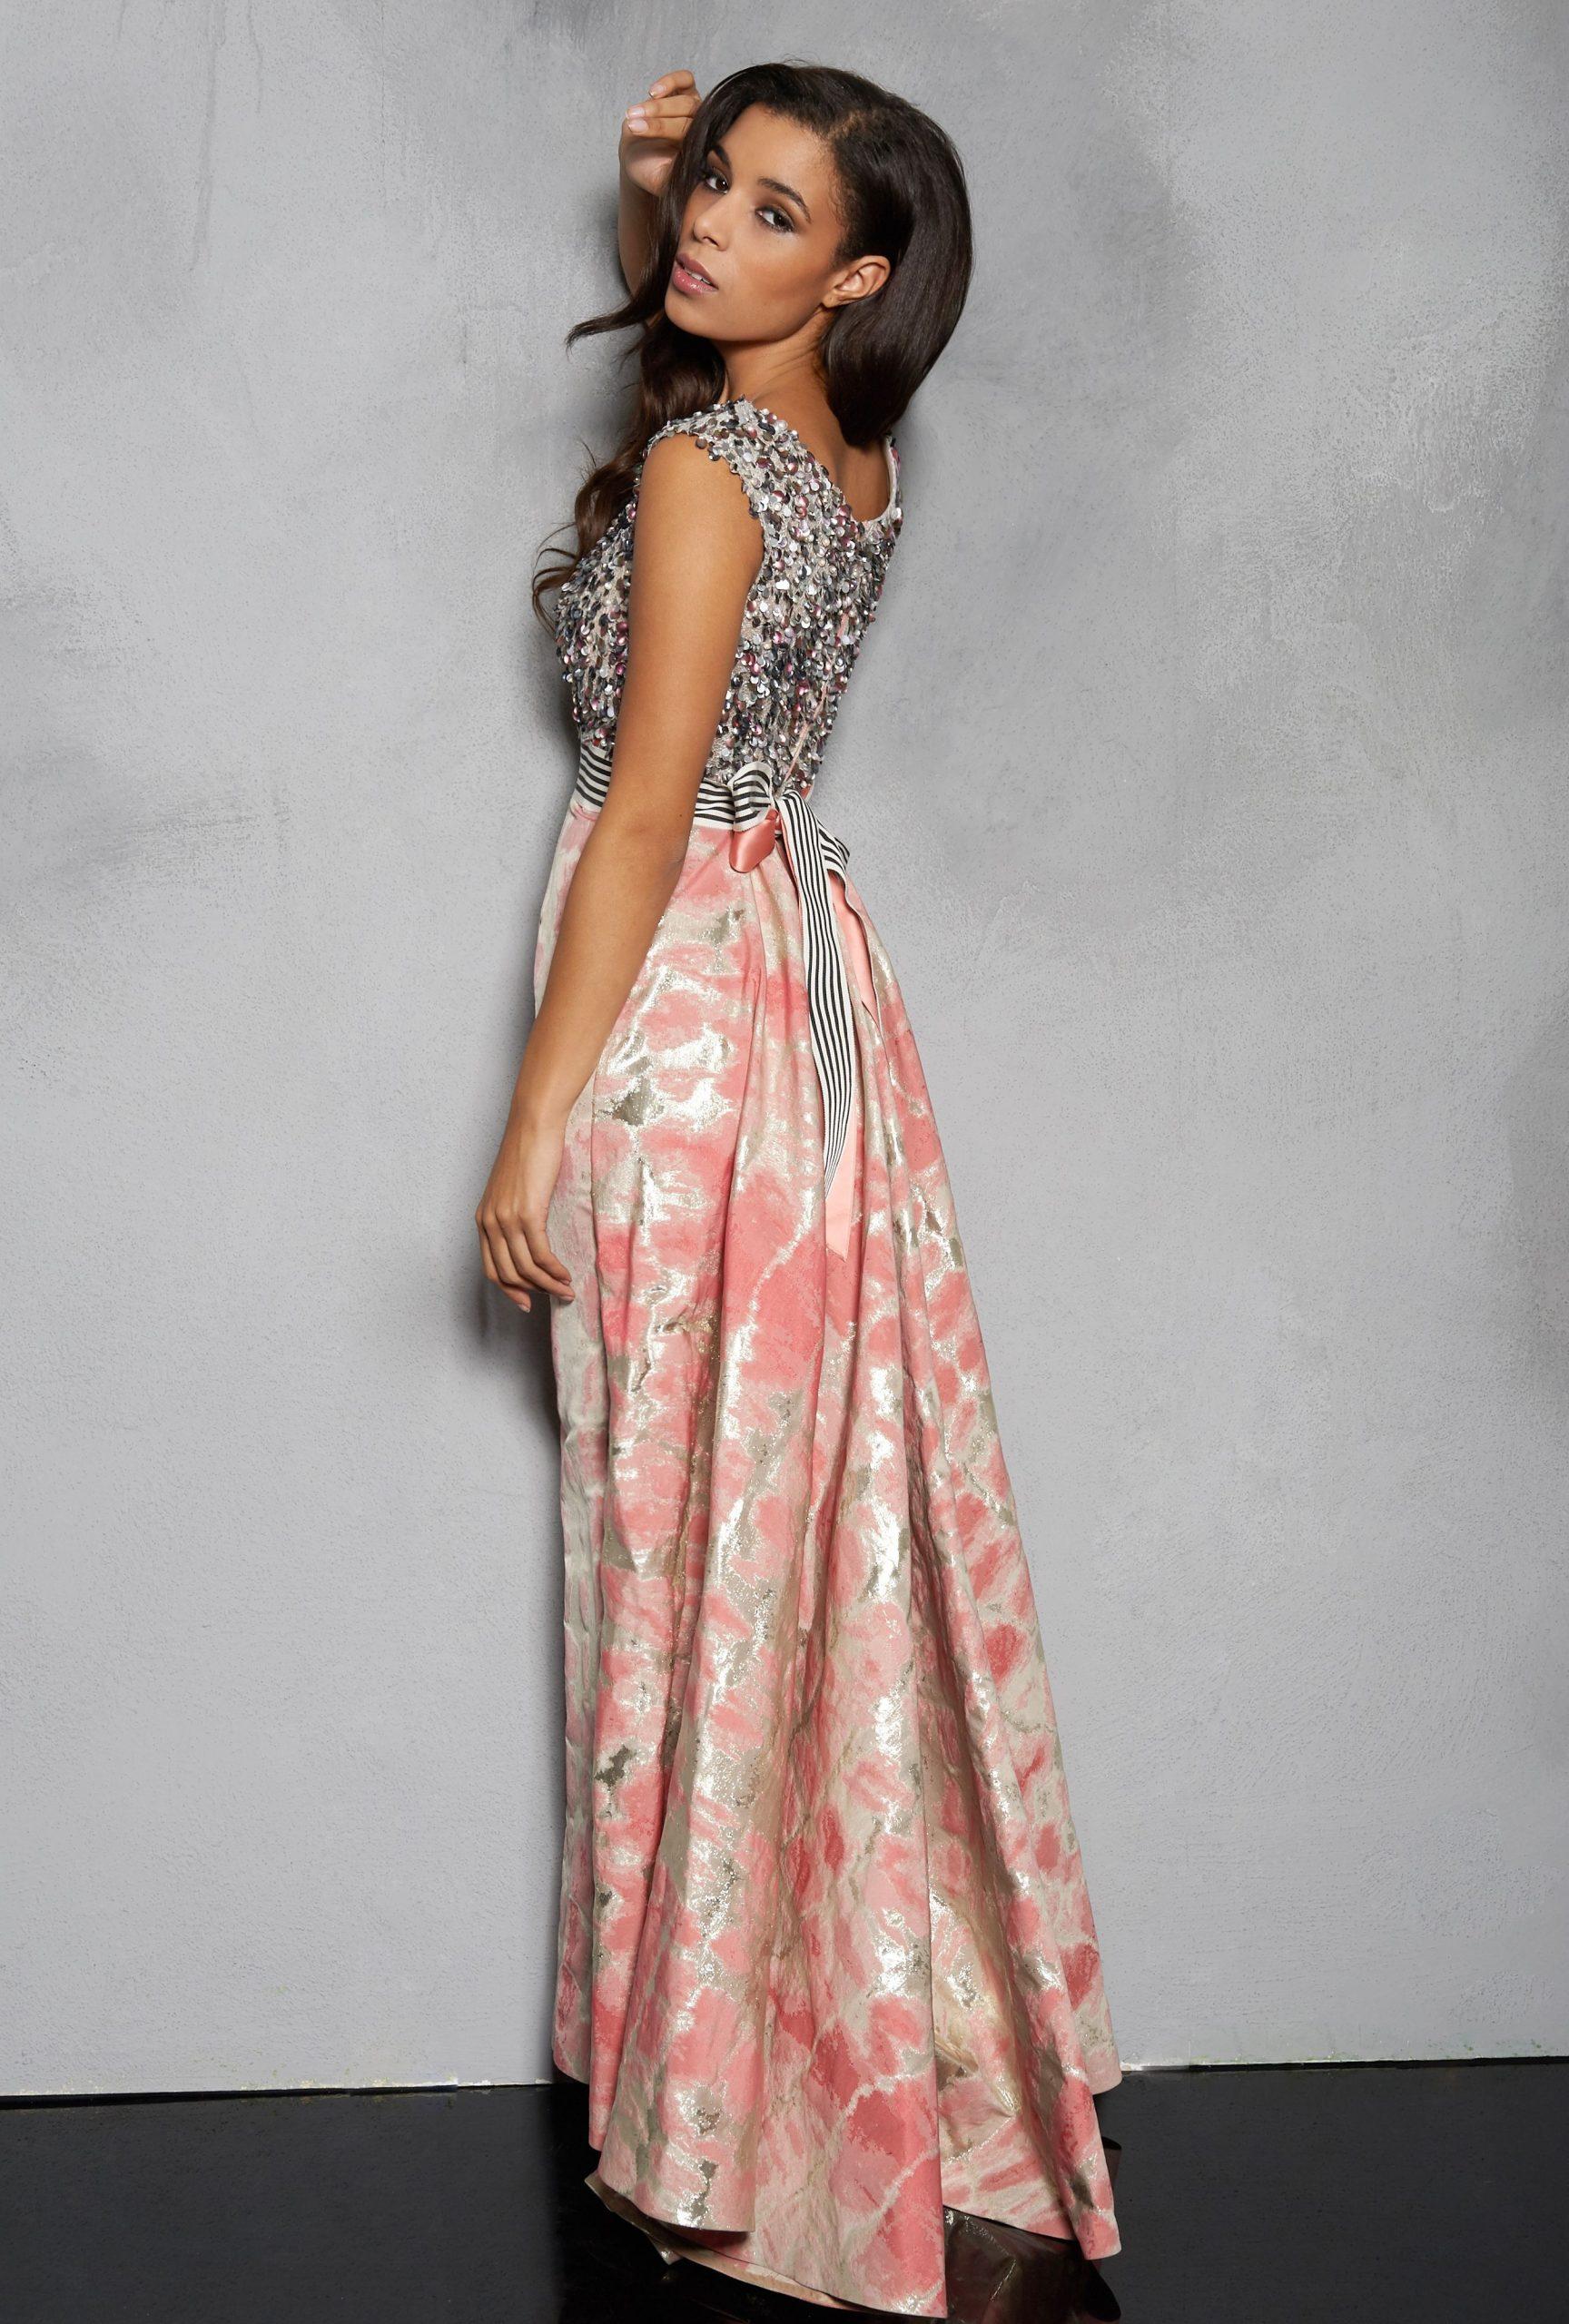 10 Spektakulär Kleid Für Einen Abend Mieten Stylish20 Spektakulär Kleid Für Einen Abend Mieten Vertrieb